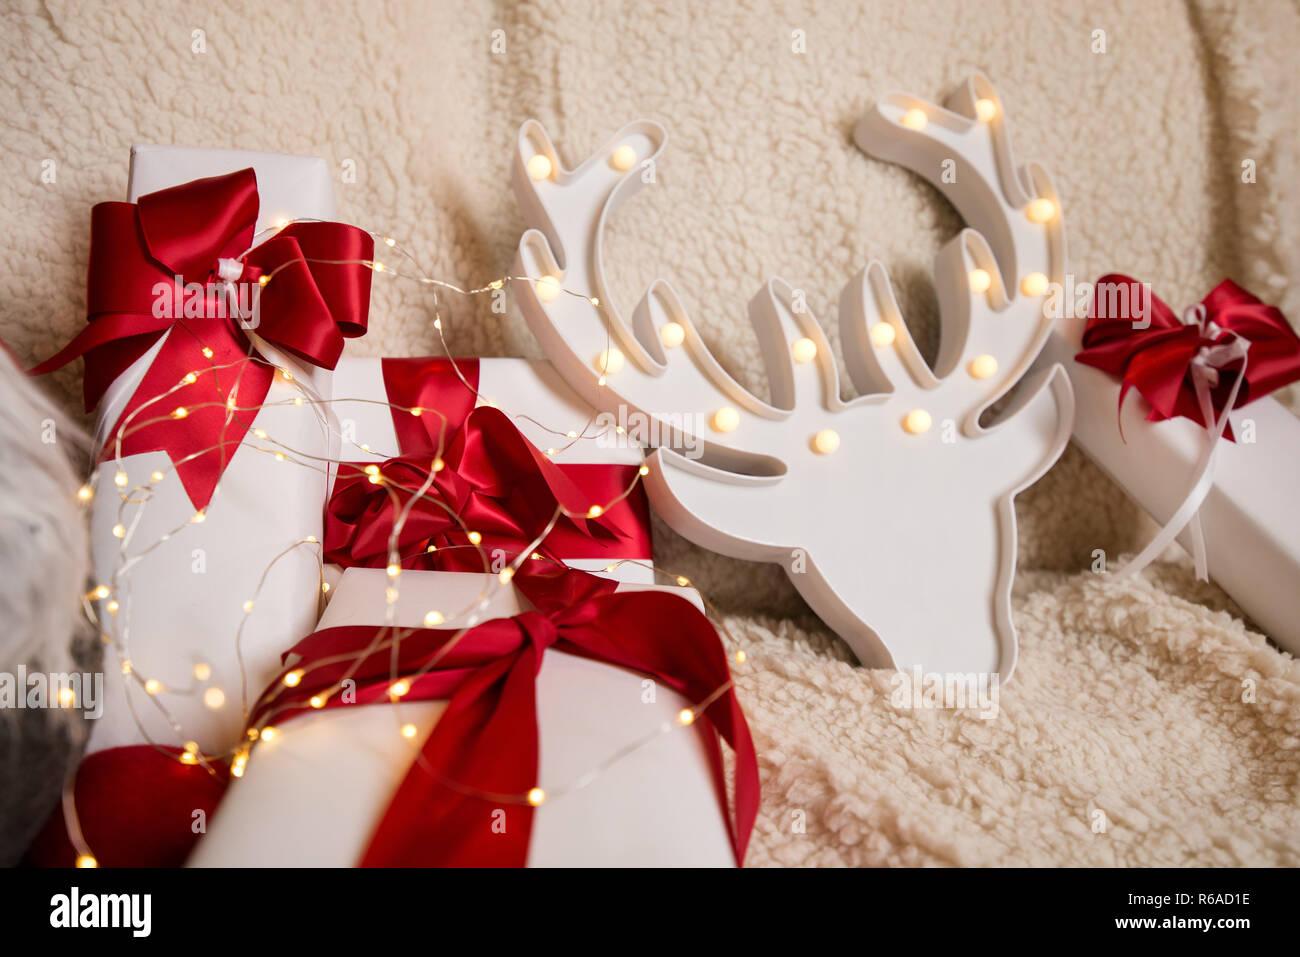 Schöne Weihnachtsgeschenke.Schöne Weihnachtsgeschenke Geschenk Kästen Auf Weißen Flauschigen